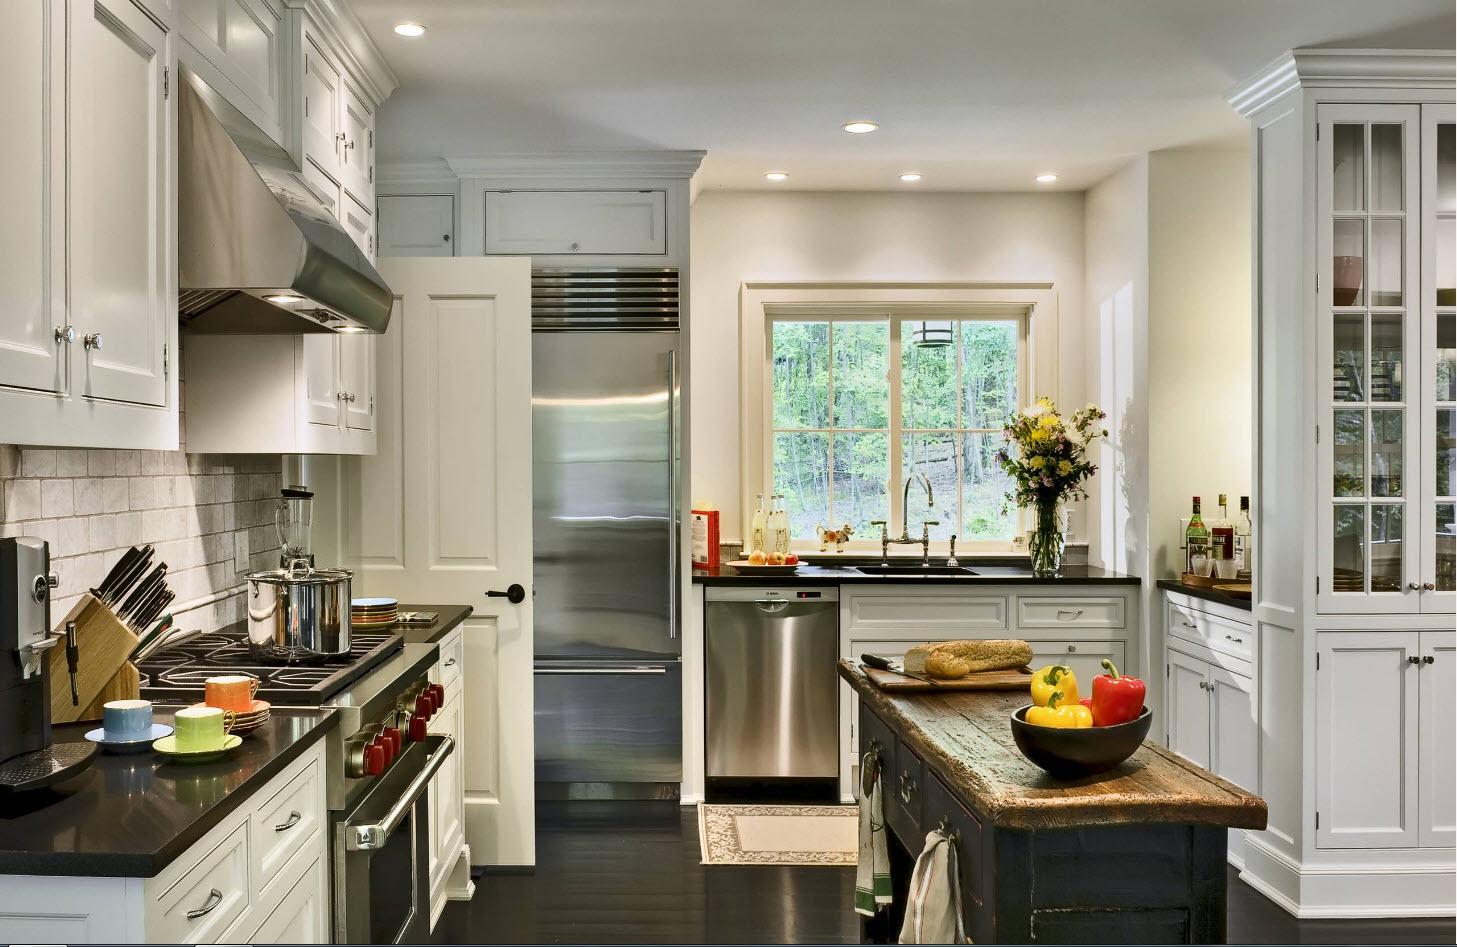 Освещение в кухонном помещении